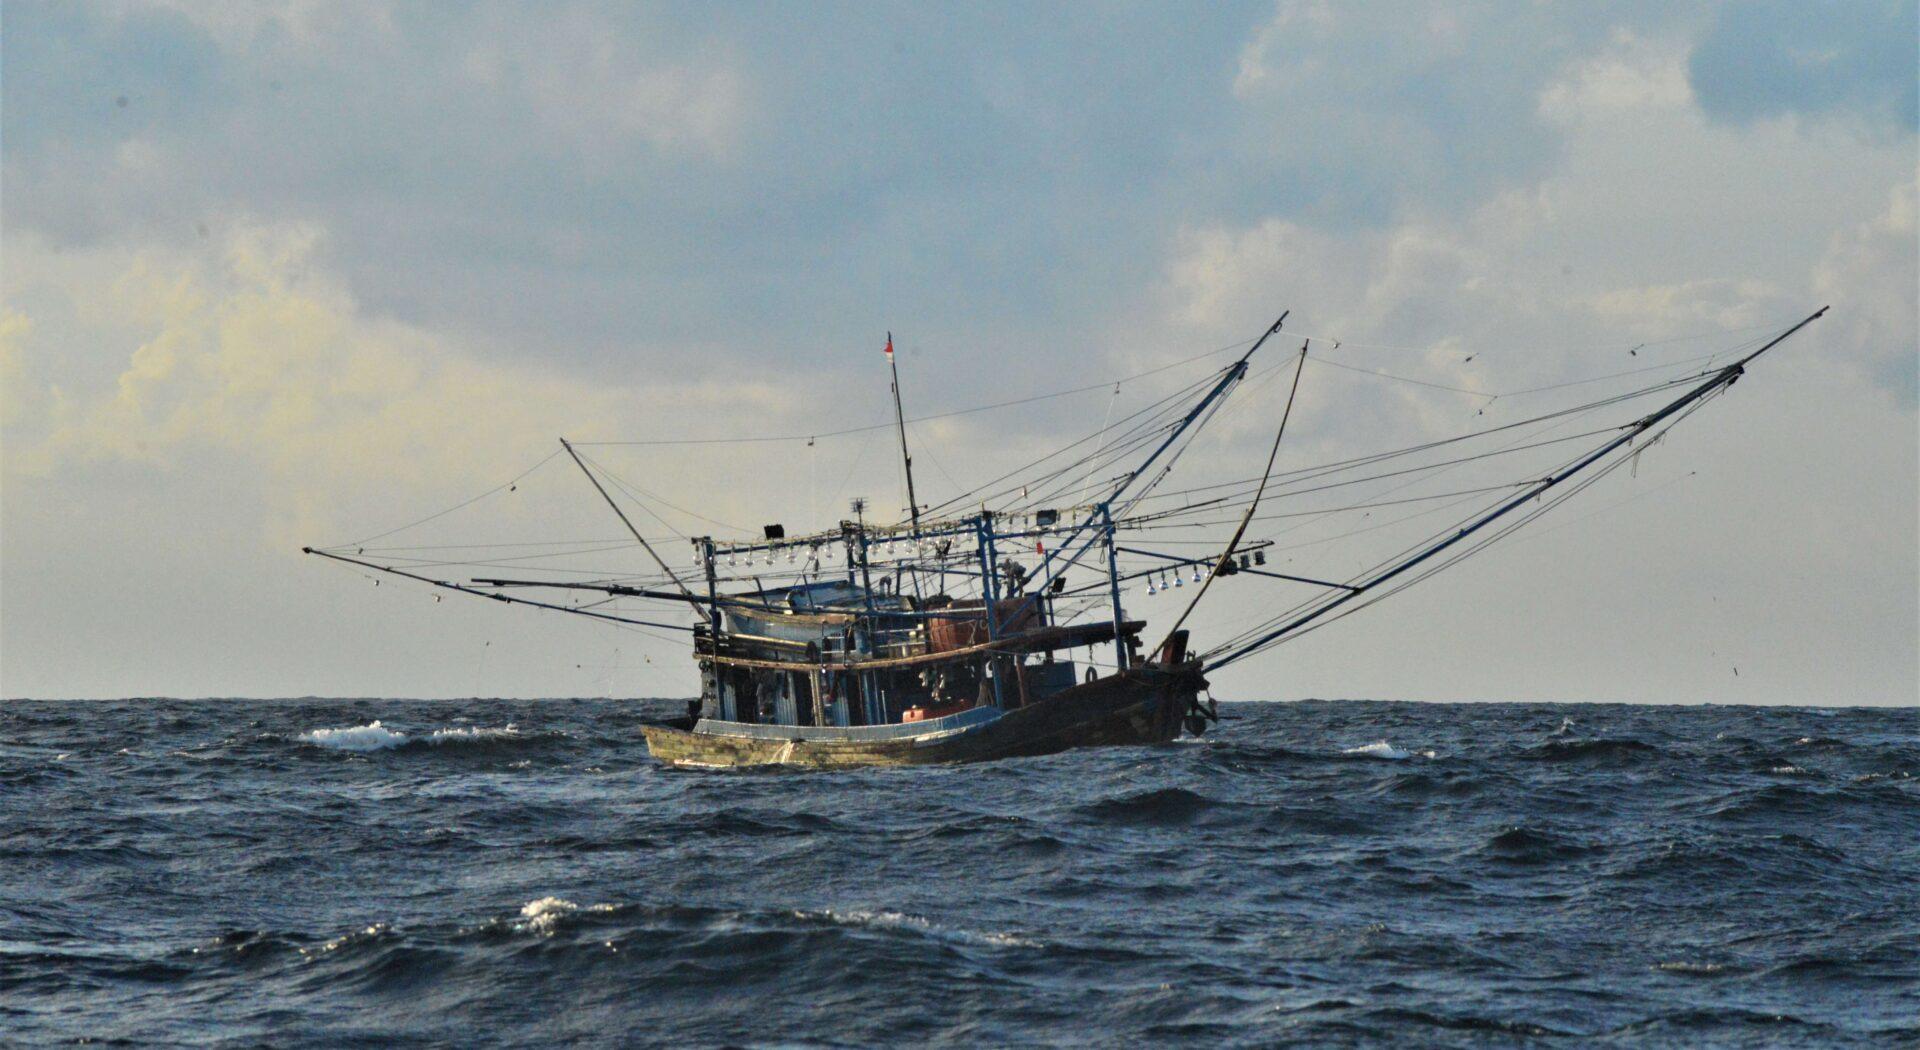 Indonesias svar på USAs 'Deadliest Catch'. Selv på høylys dag vekker de karakteristiske Calamarestrålerne oppmerksomhet på lang avstand. Du vil nødig bli fanget i dette nettet